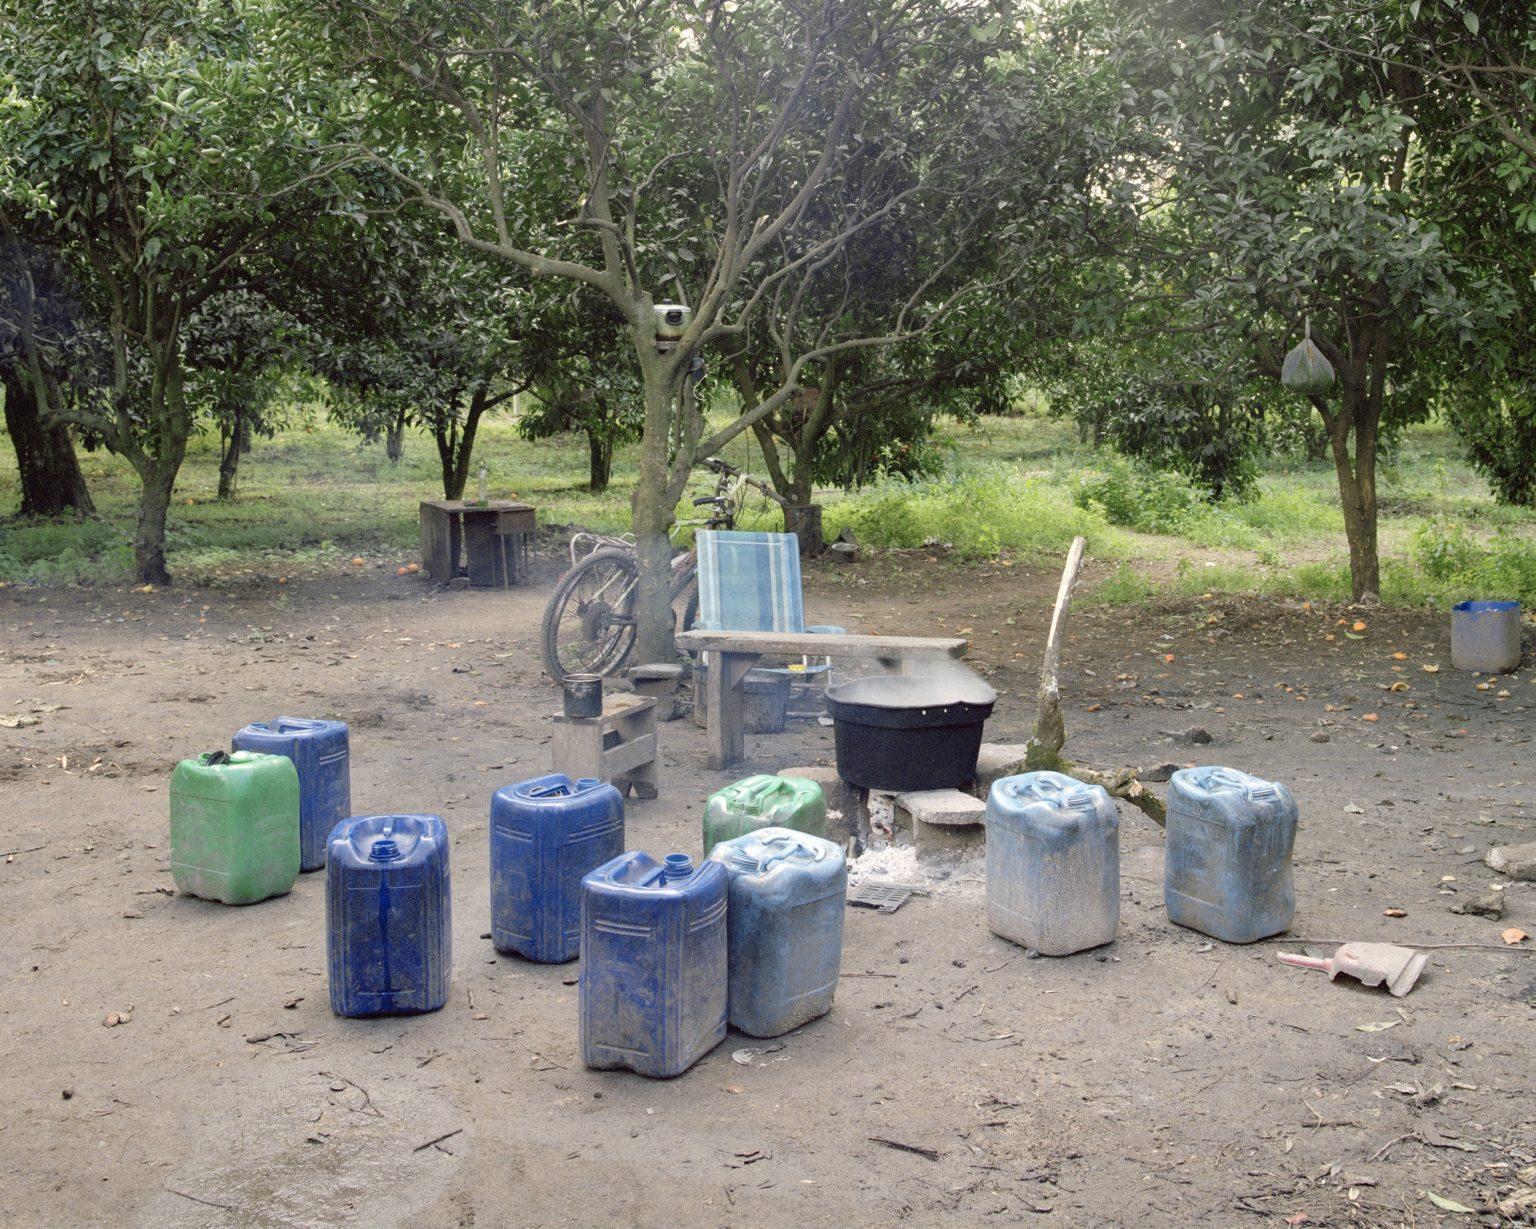 """Drosi (Gioia Tauro), 2016. Temporary kitchen set in a citrus grove in the plain of Gioia Tauro. According to CGIL (union organization) in Italy there are about 400 thousand foreign daily laboures who find work through the """"caporalato"""" (system of directly hiring farm labour for very low wages by landowner's agents). >< Drosi (Gioia Tauro), 2016. Cucina temporanea allestita in un agrumeto della piana di Gioia Tauro. Secondo la CGIL in Italia sono circa 400 mila i lavoratori stagionali stranieri che trovano lavoro attraverso il caporalato."""